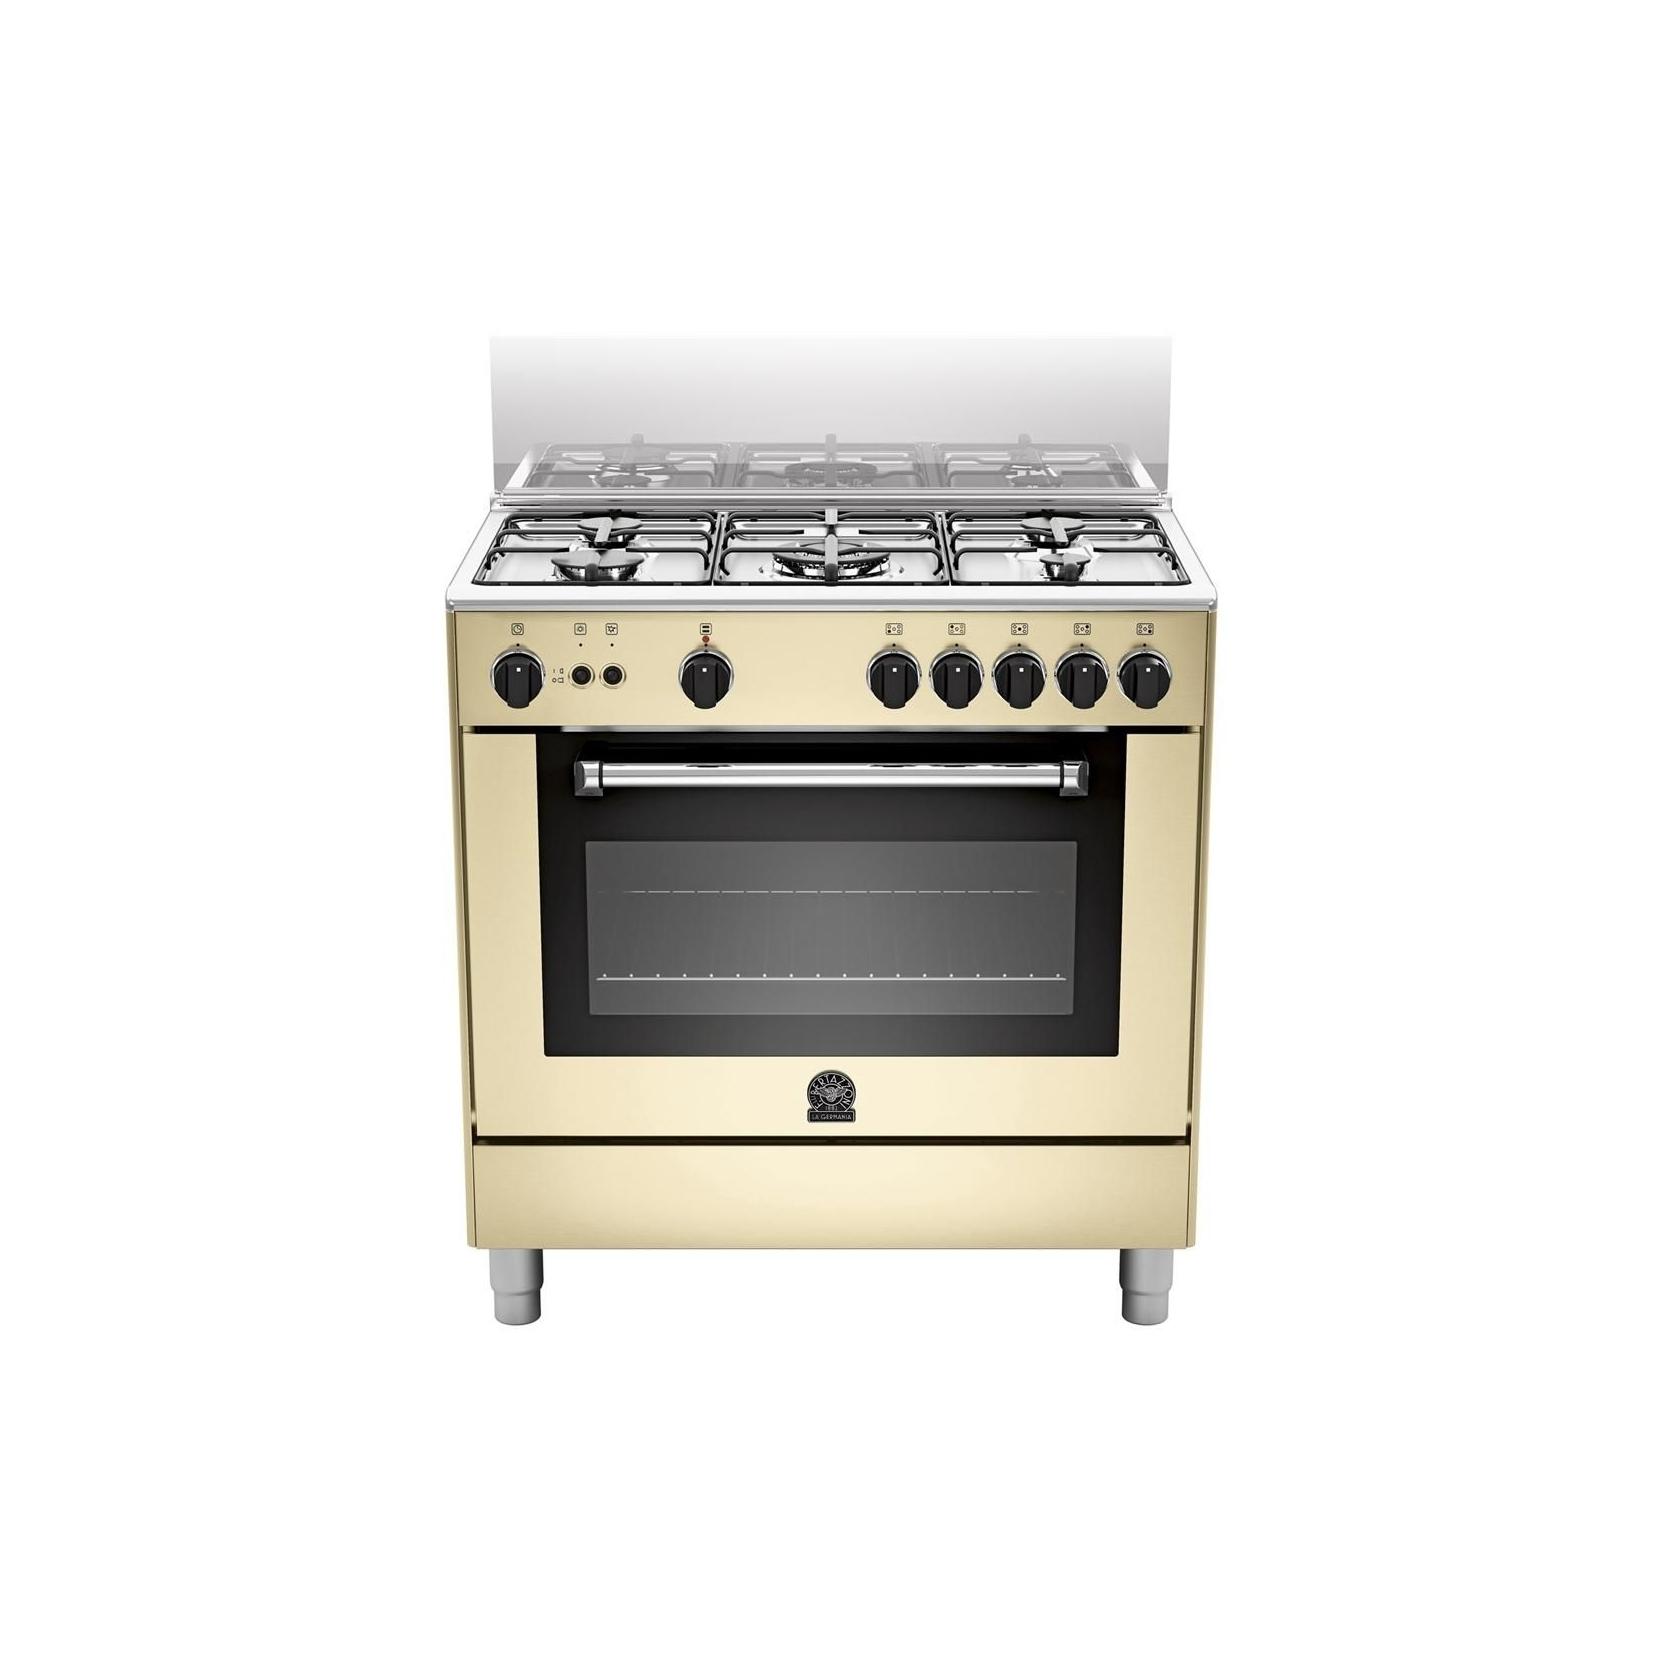 Cucina la germania am85c61ccrt 5 fuochi a gas forno elettrico 80x50 cm colore crema elettrovillage - Cucine a gas samsung ...